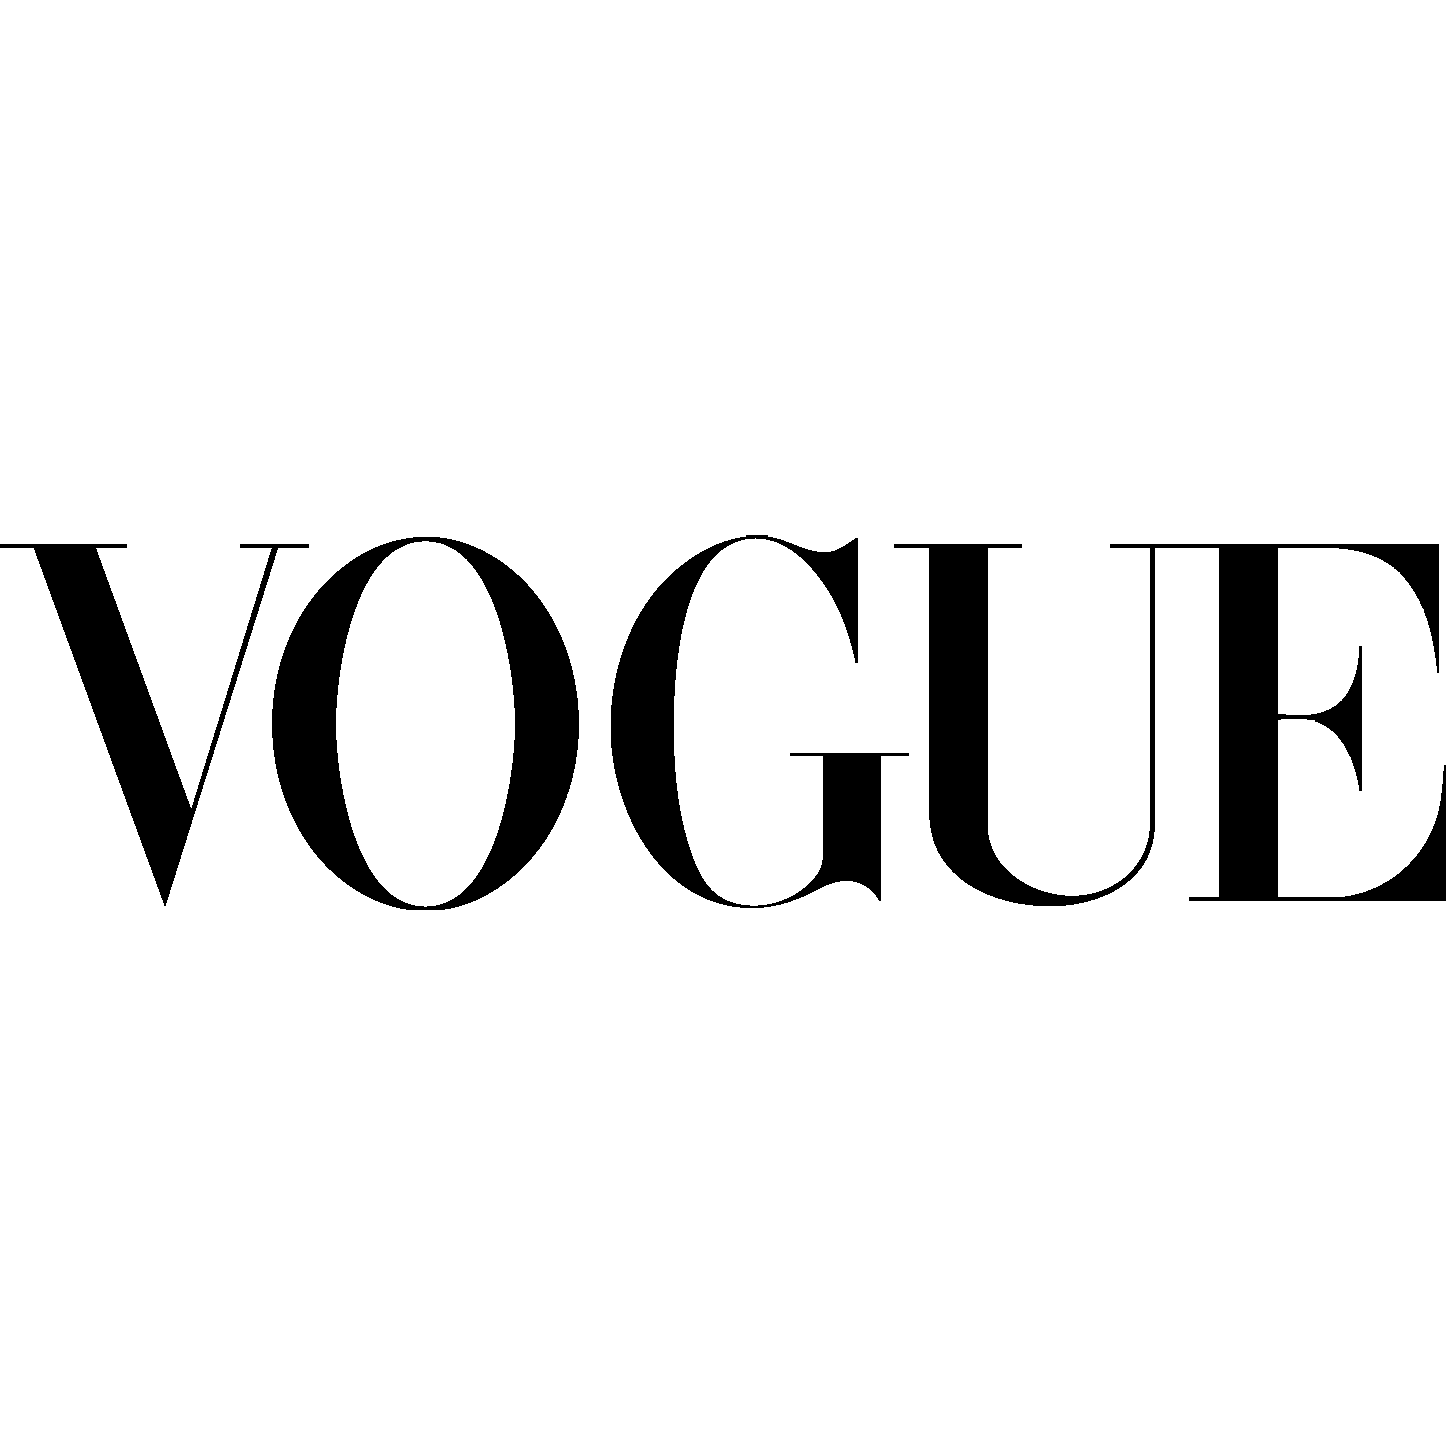 VOGUE_revista_-_logo